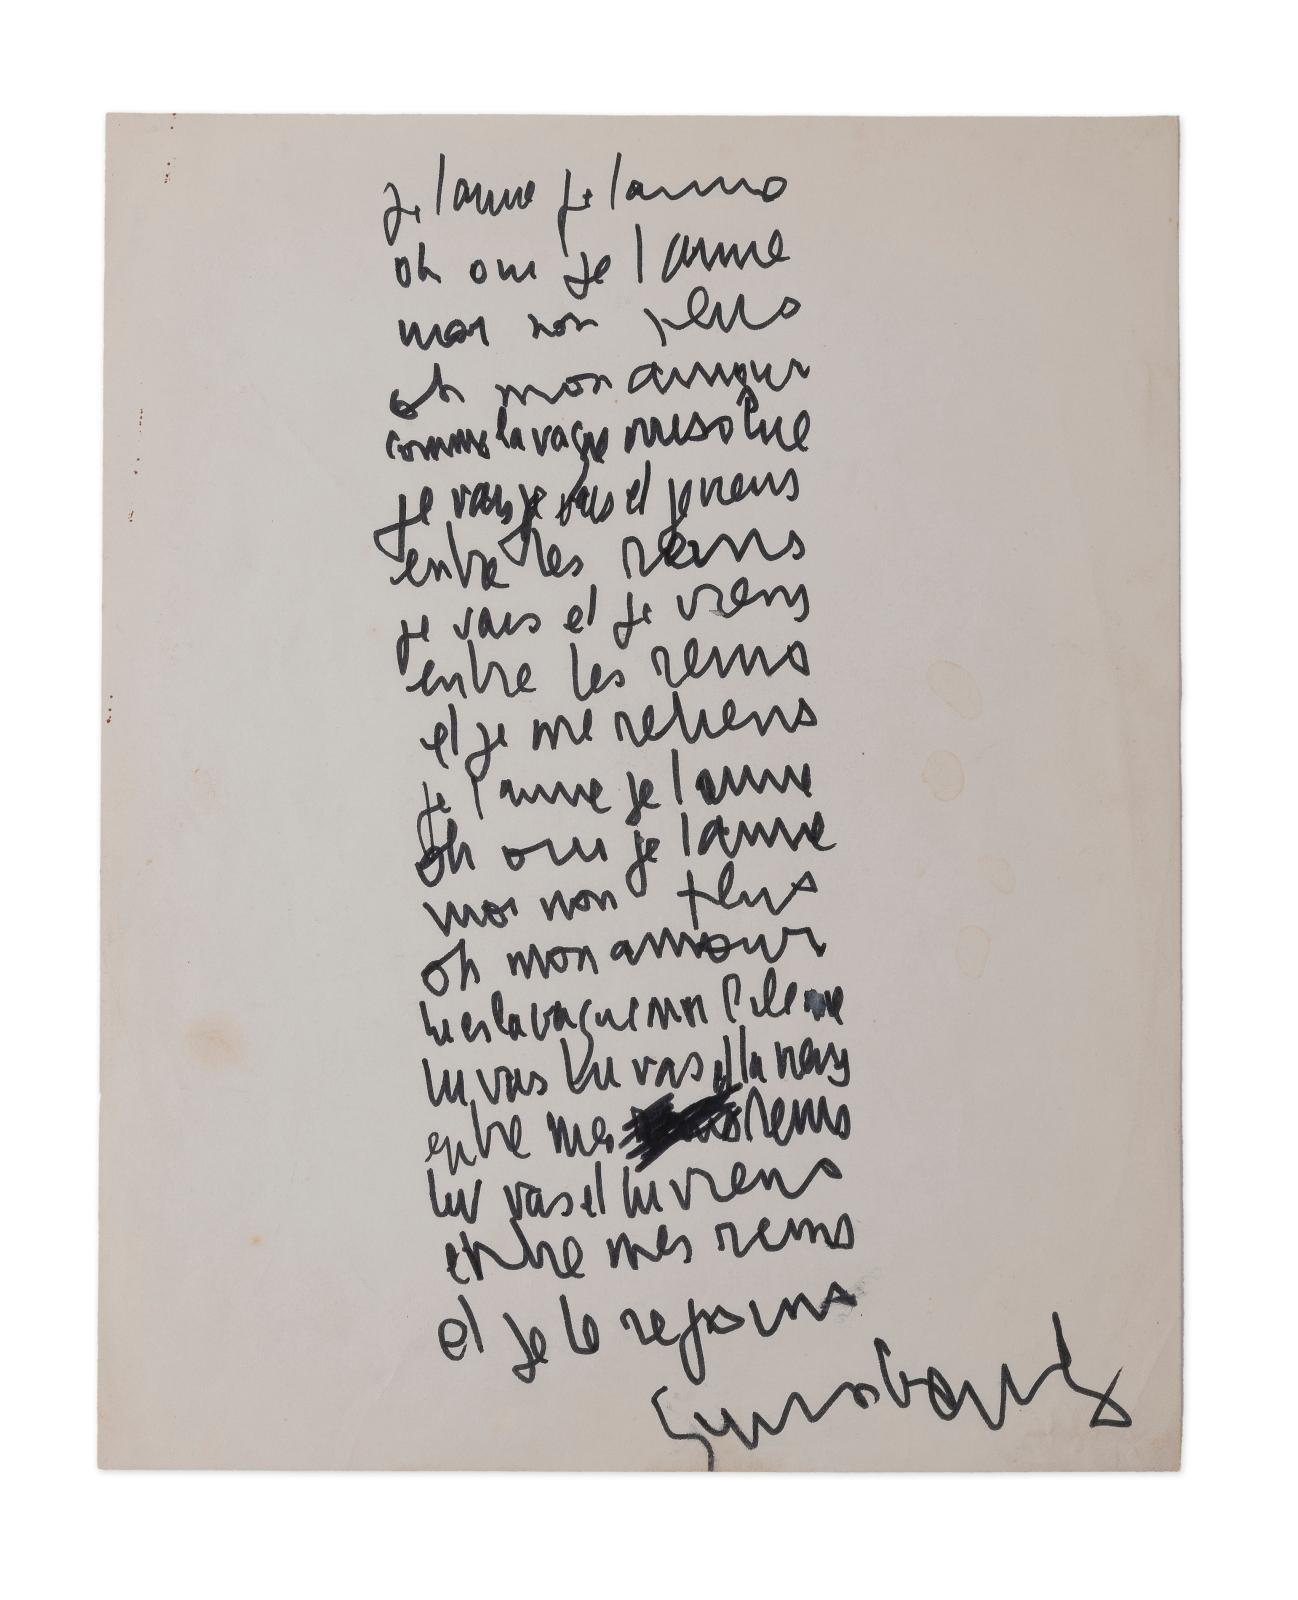 Serge Gainsbourg (1928-1991), Je t'aime moi non plus, manuscrit autographe signé [1967], une page in-4° à l'encre. Vente n° 12, vendredi 16 novembre E